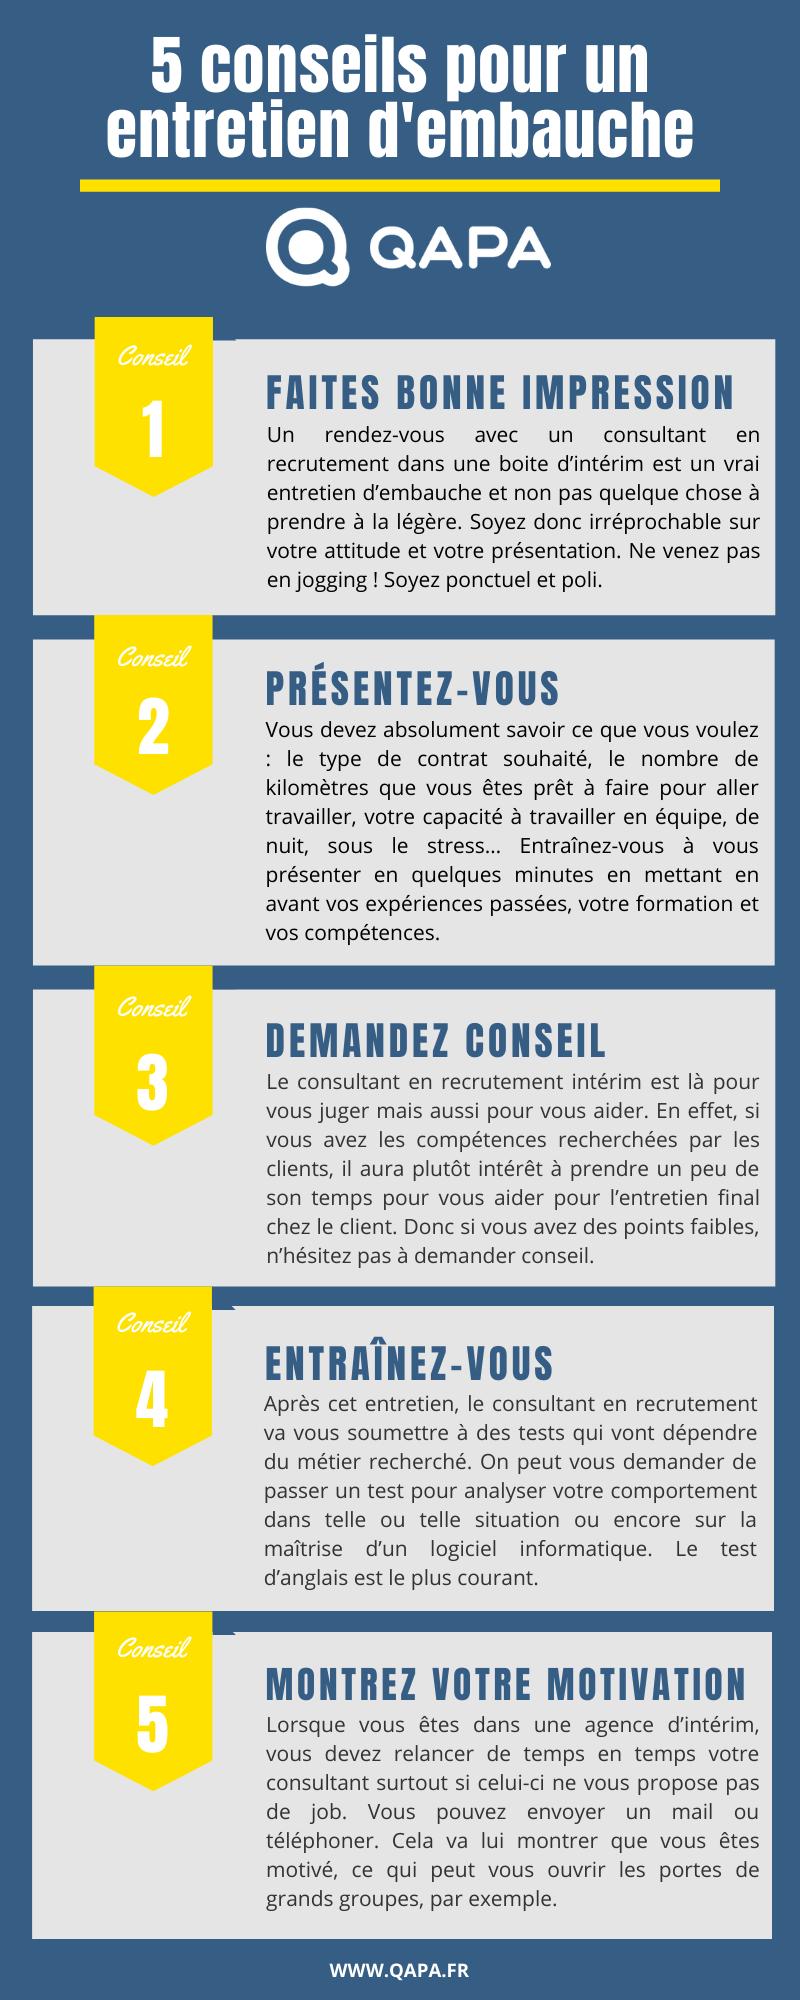 5 Conseils Pour Un Entretien D Embauche